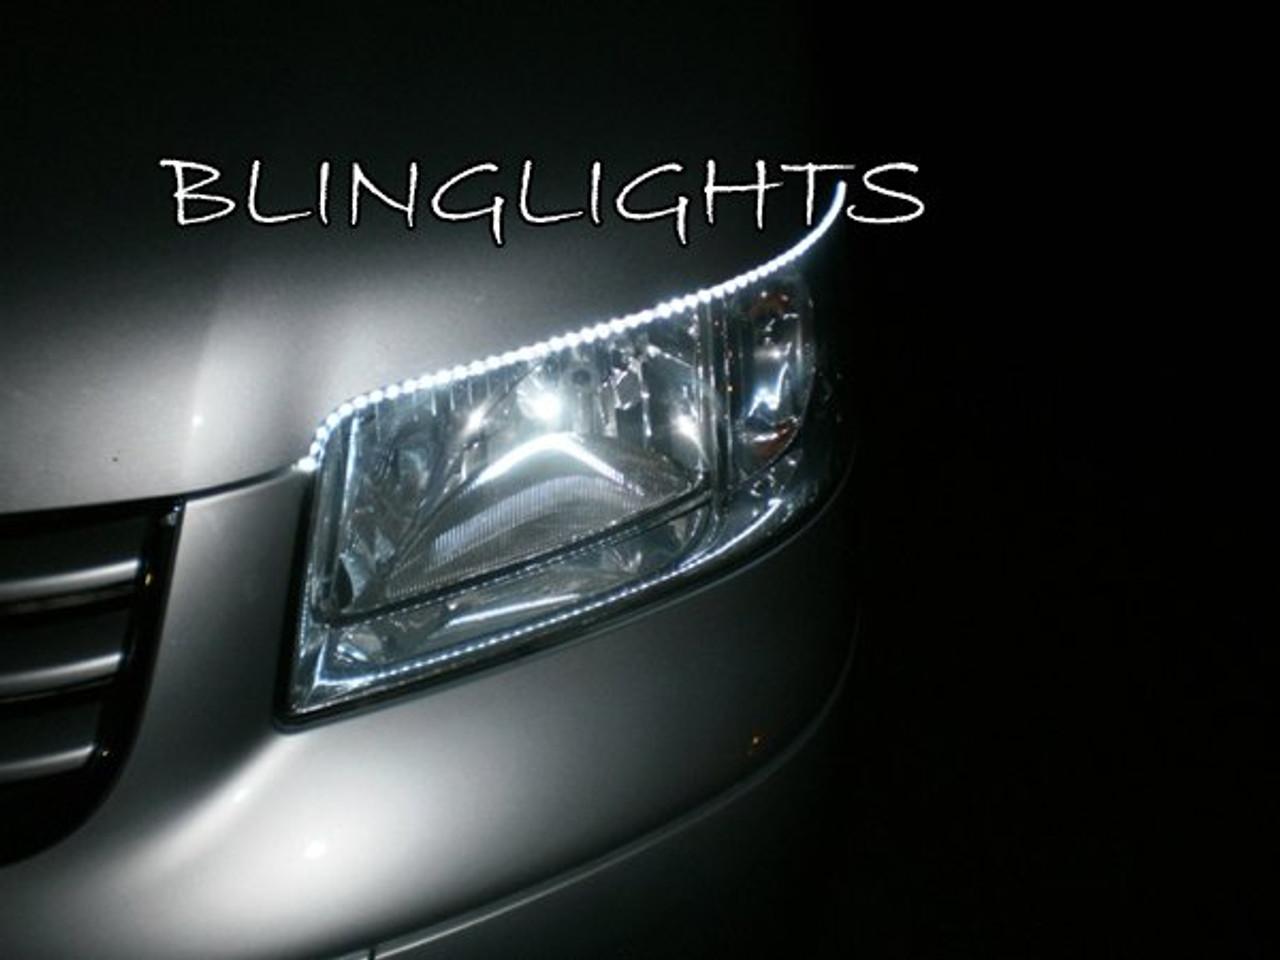 2 x VW T5 Transporter 30 LED Daytime Running Light Ultra Bright DRL Bulbs